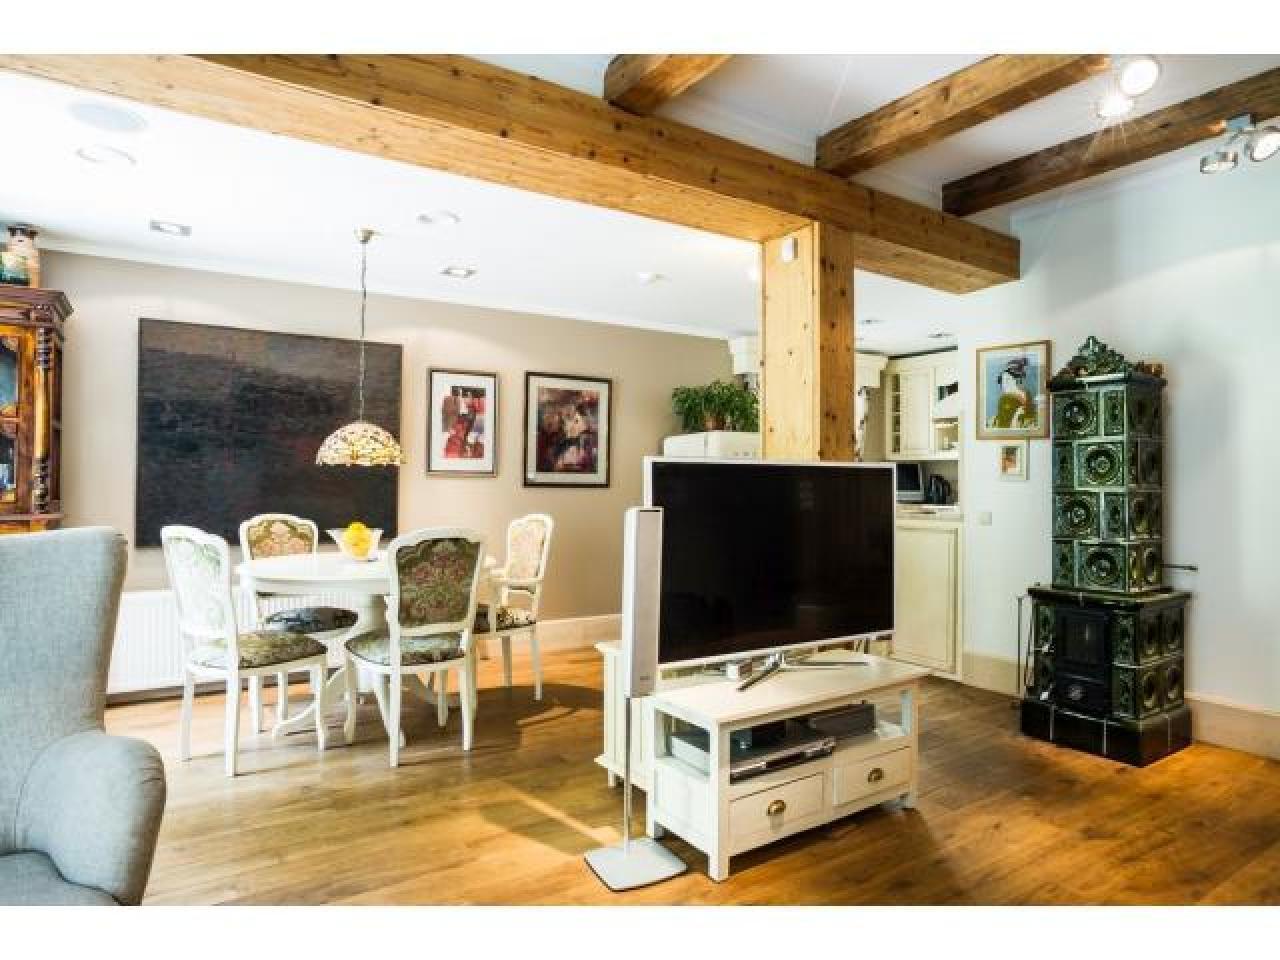 Часть дома с абсолютной атмосферой конфиденциальности в сердцевине Риге. - 5